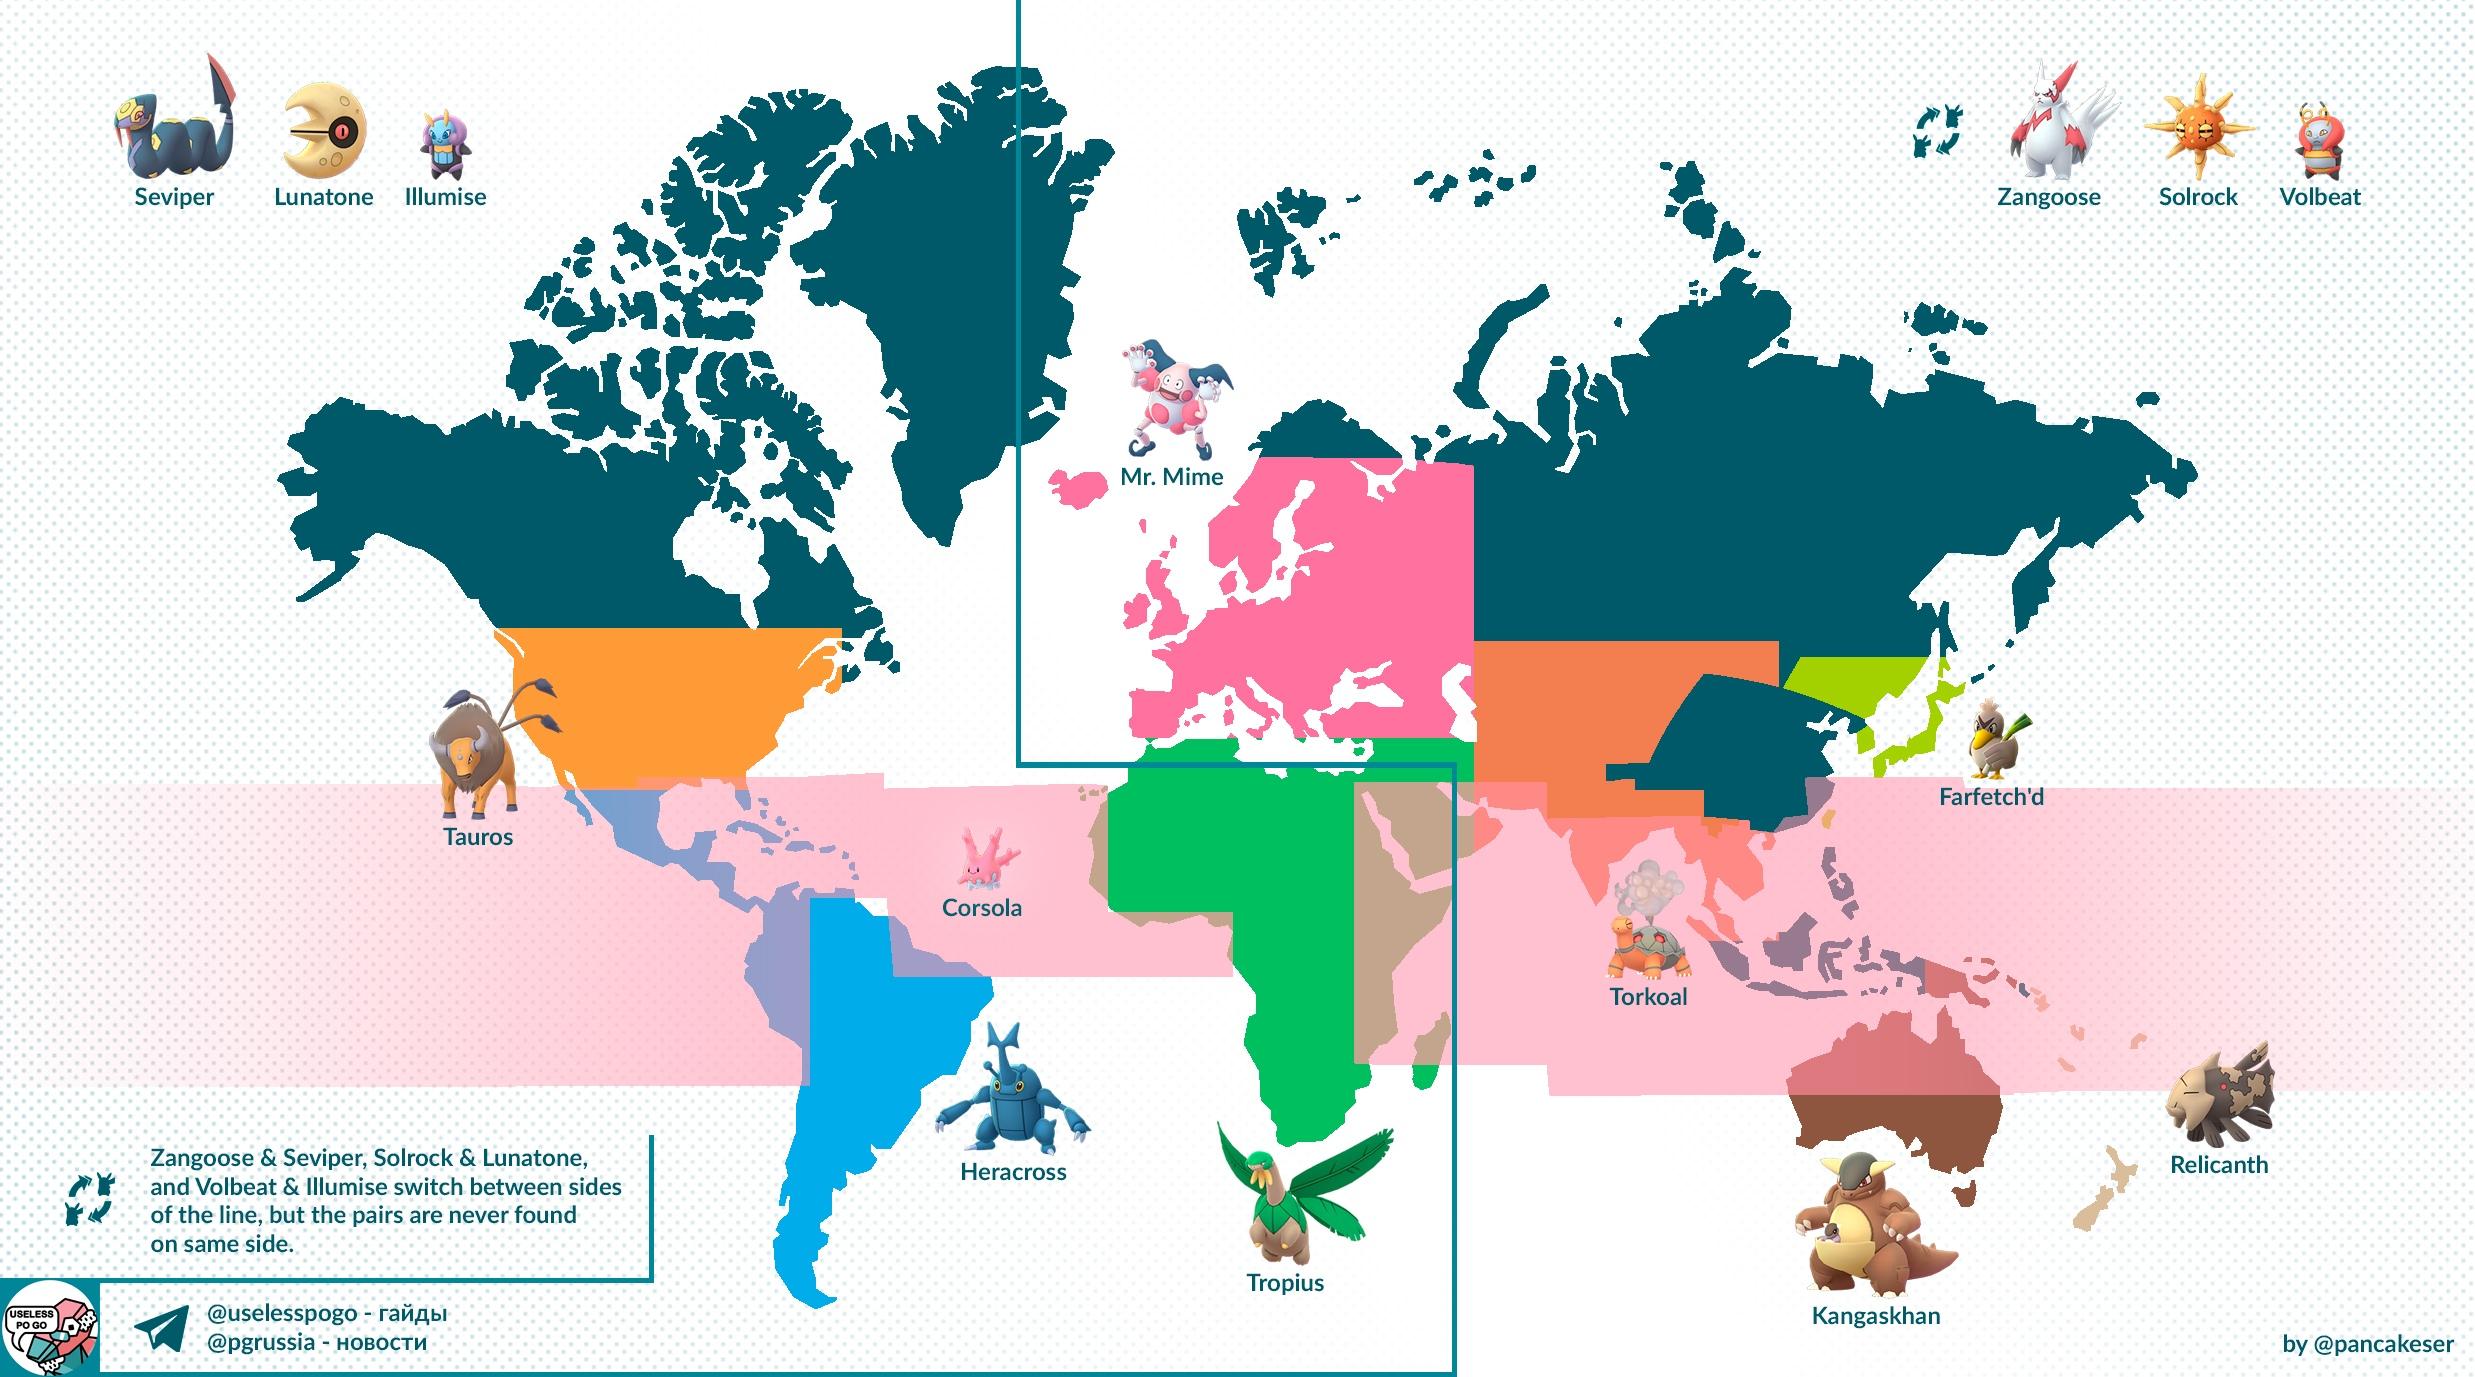 карта мест обитания региональных покемонов pokemon go